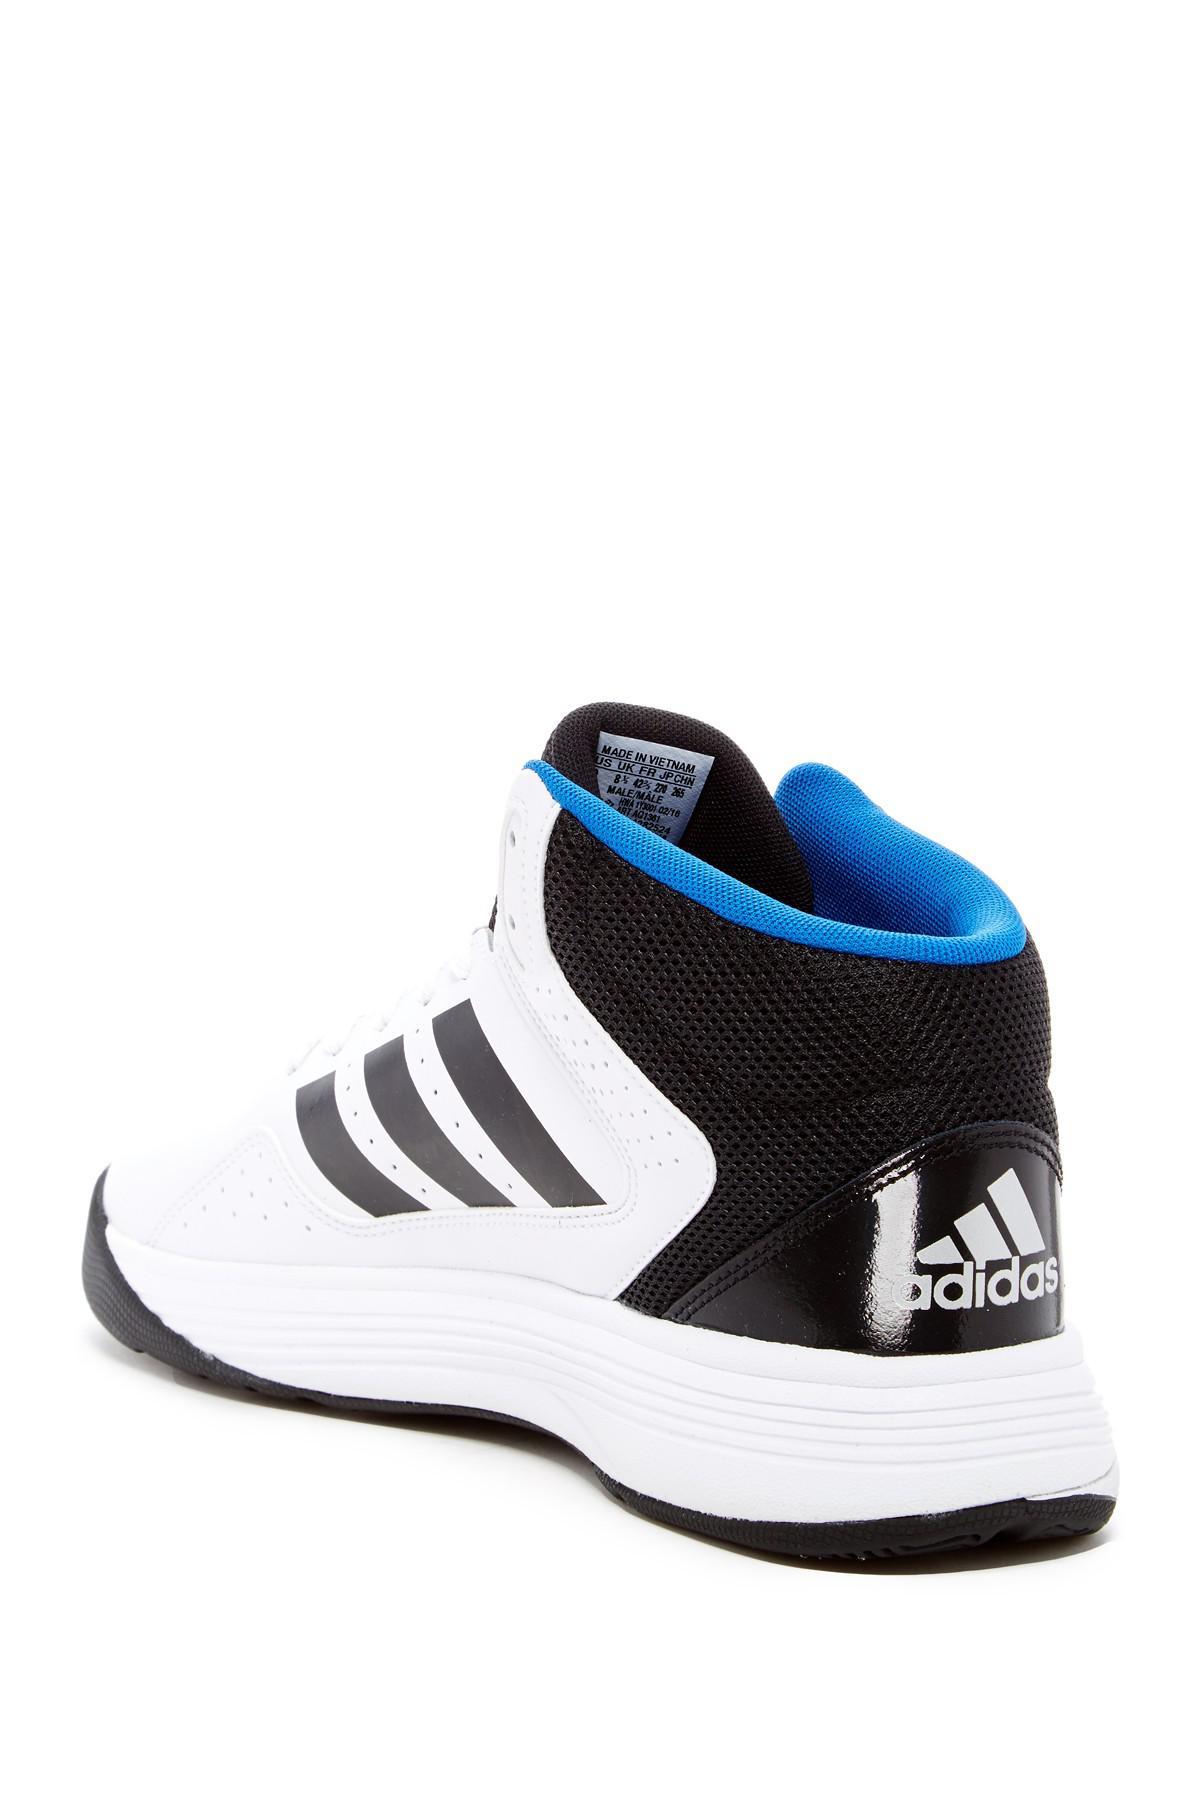 Recopilación de mediados cloudfoam Lyst Adidas zapatilla en color azul para hombres